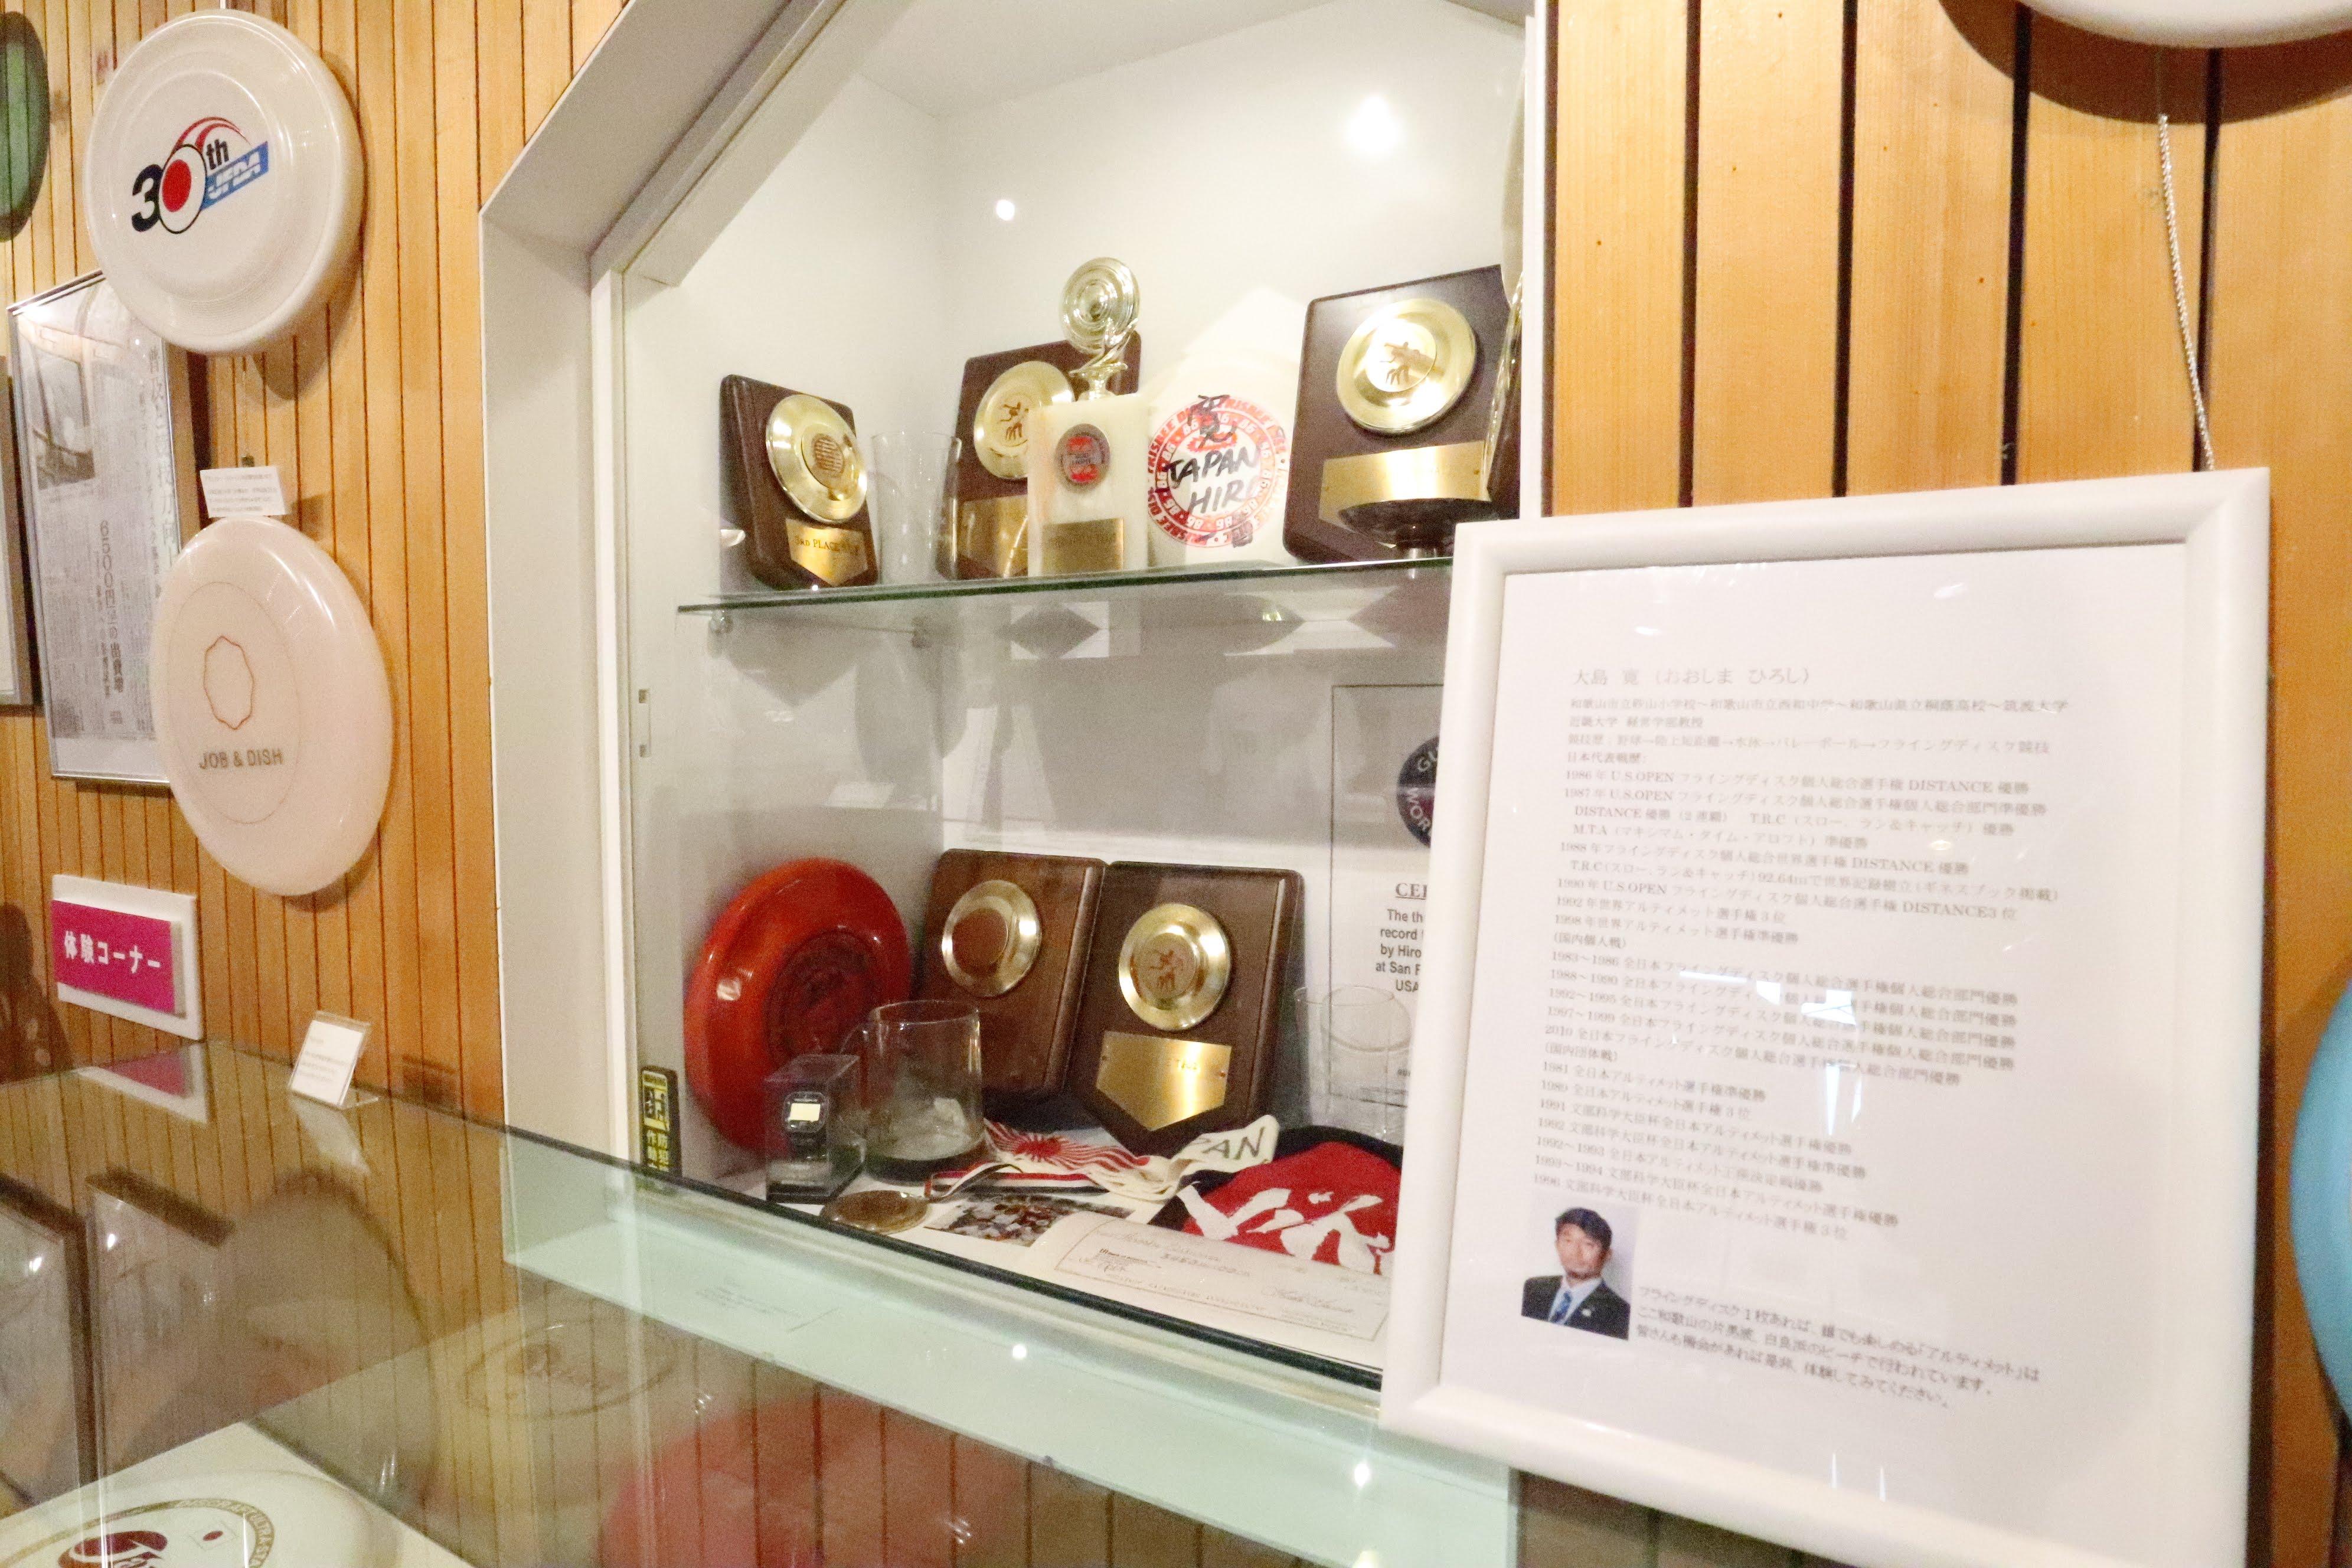 大島寛氏の紹介パネルと氏がこれまで獲得してきたメダルなど